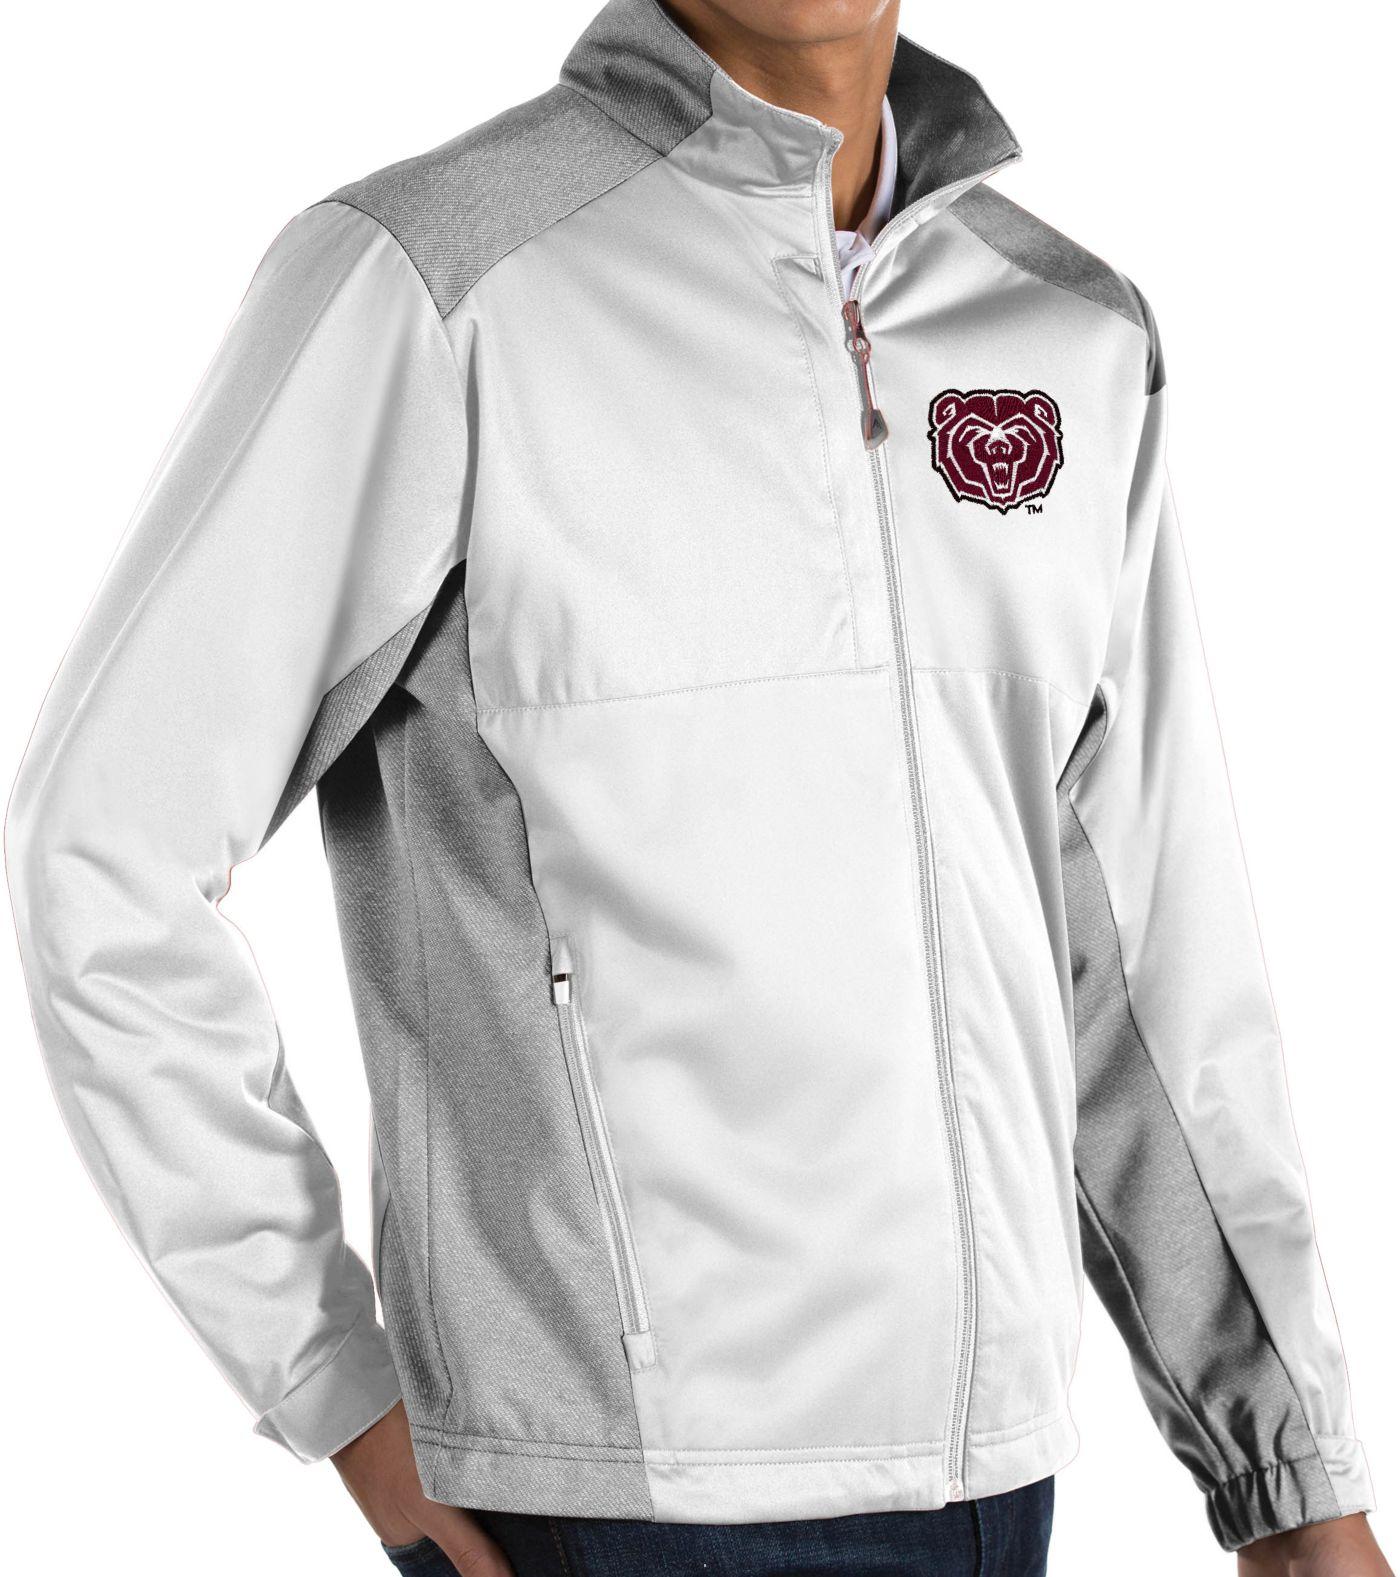 Antigua Men's Missouri State Bears Revolve Full-Zip White Jacket